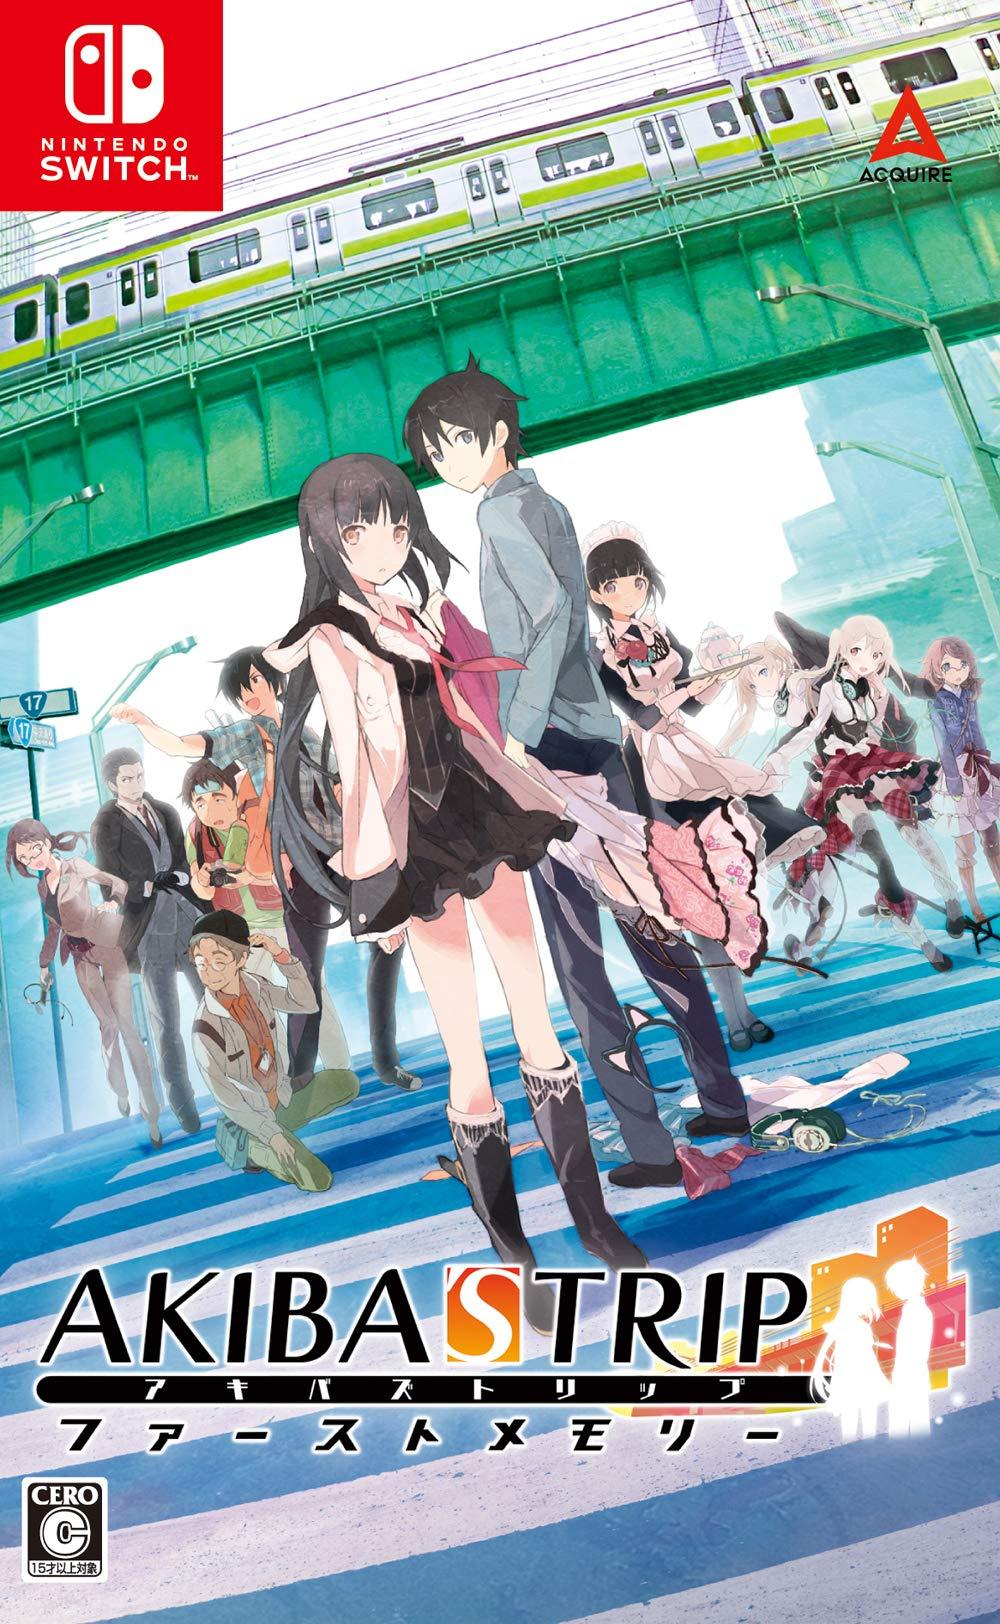 Přehled novinek z Japonska 20. týdne Akibas Trip Hellbound Debriefed Switch Cover Art